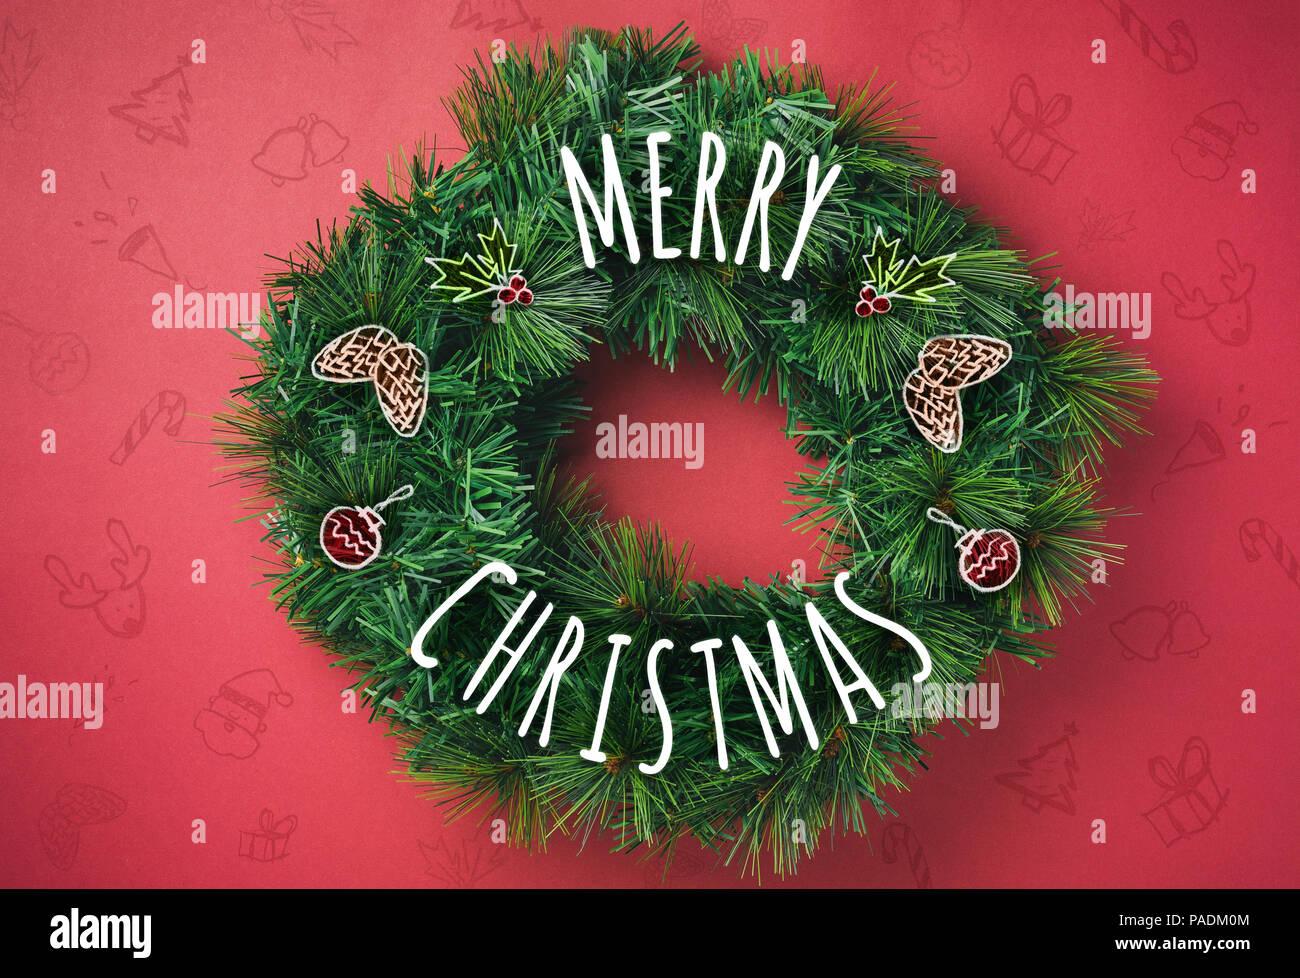 Foto Con Auguri Di Buon Natale.Auguri Di Buon Natale Corona Con Doodle Disegnare Pigna